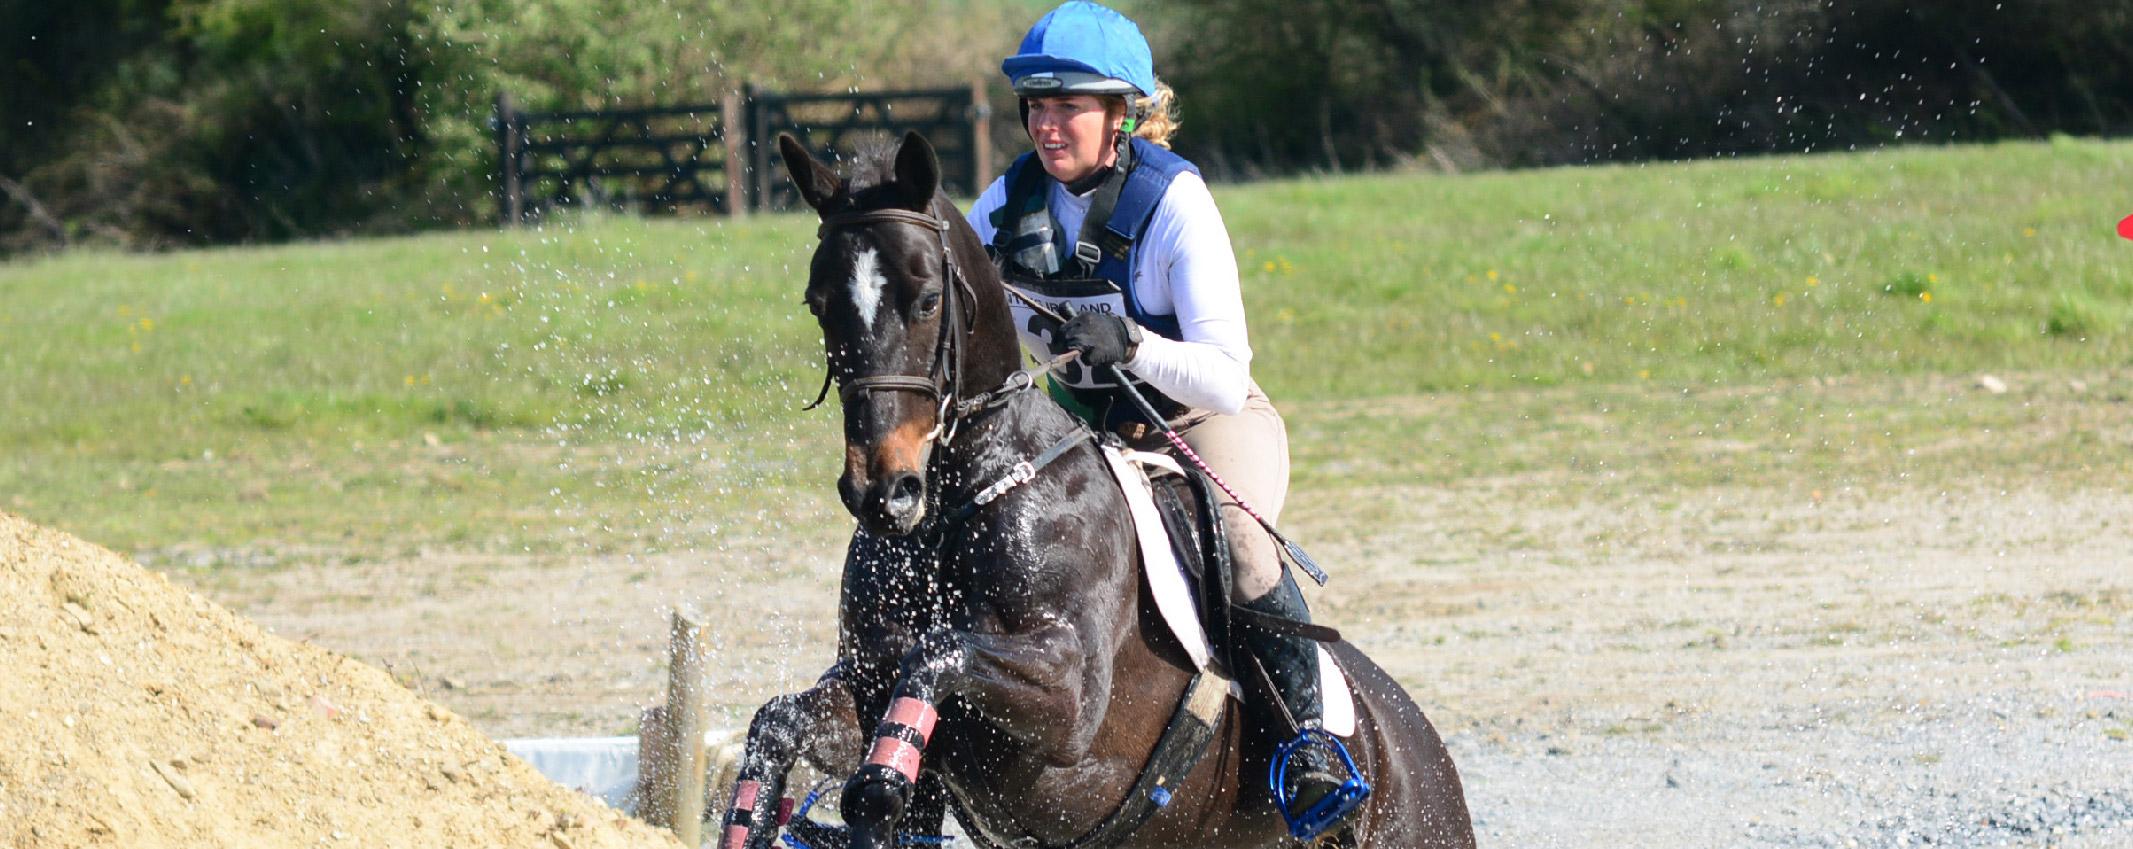 Kilguilkey House Horse Trials (2)